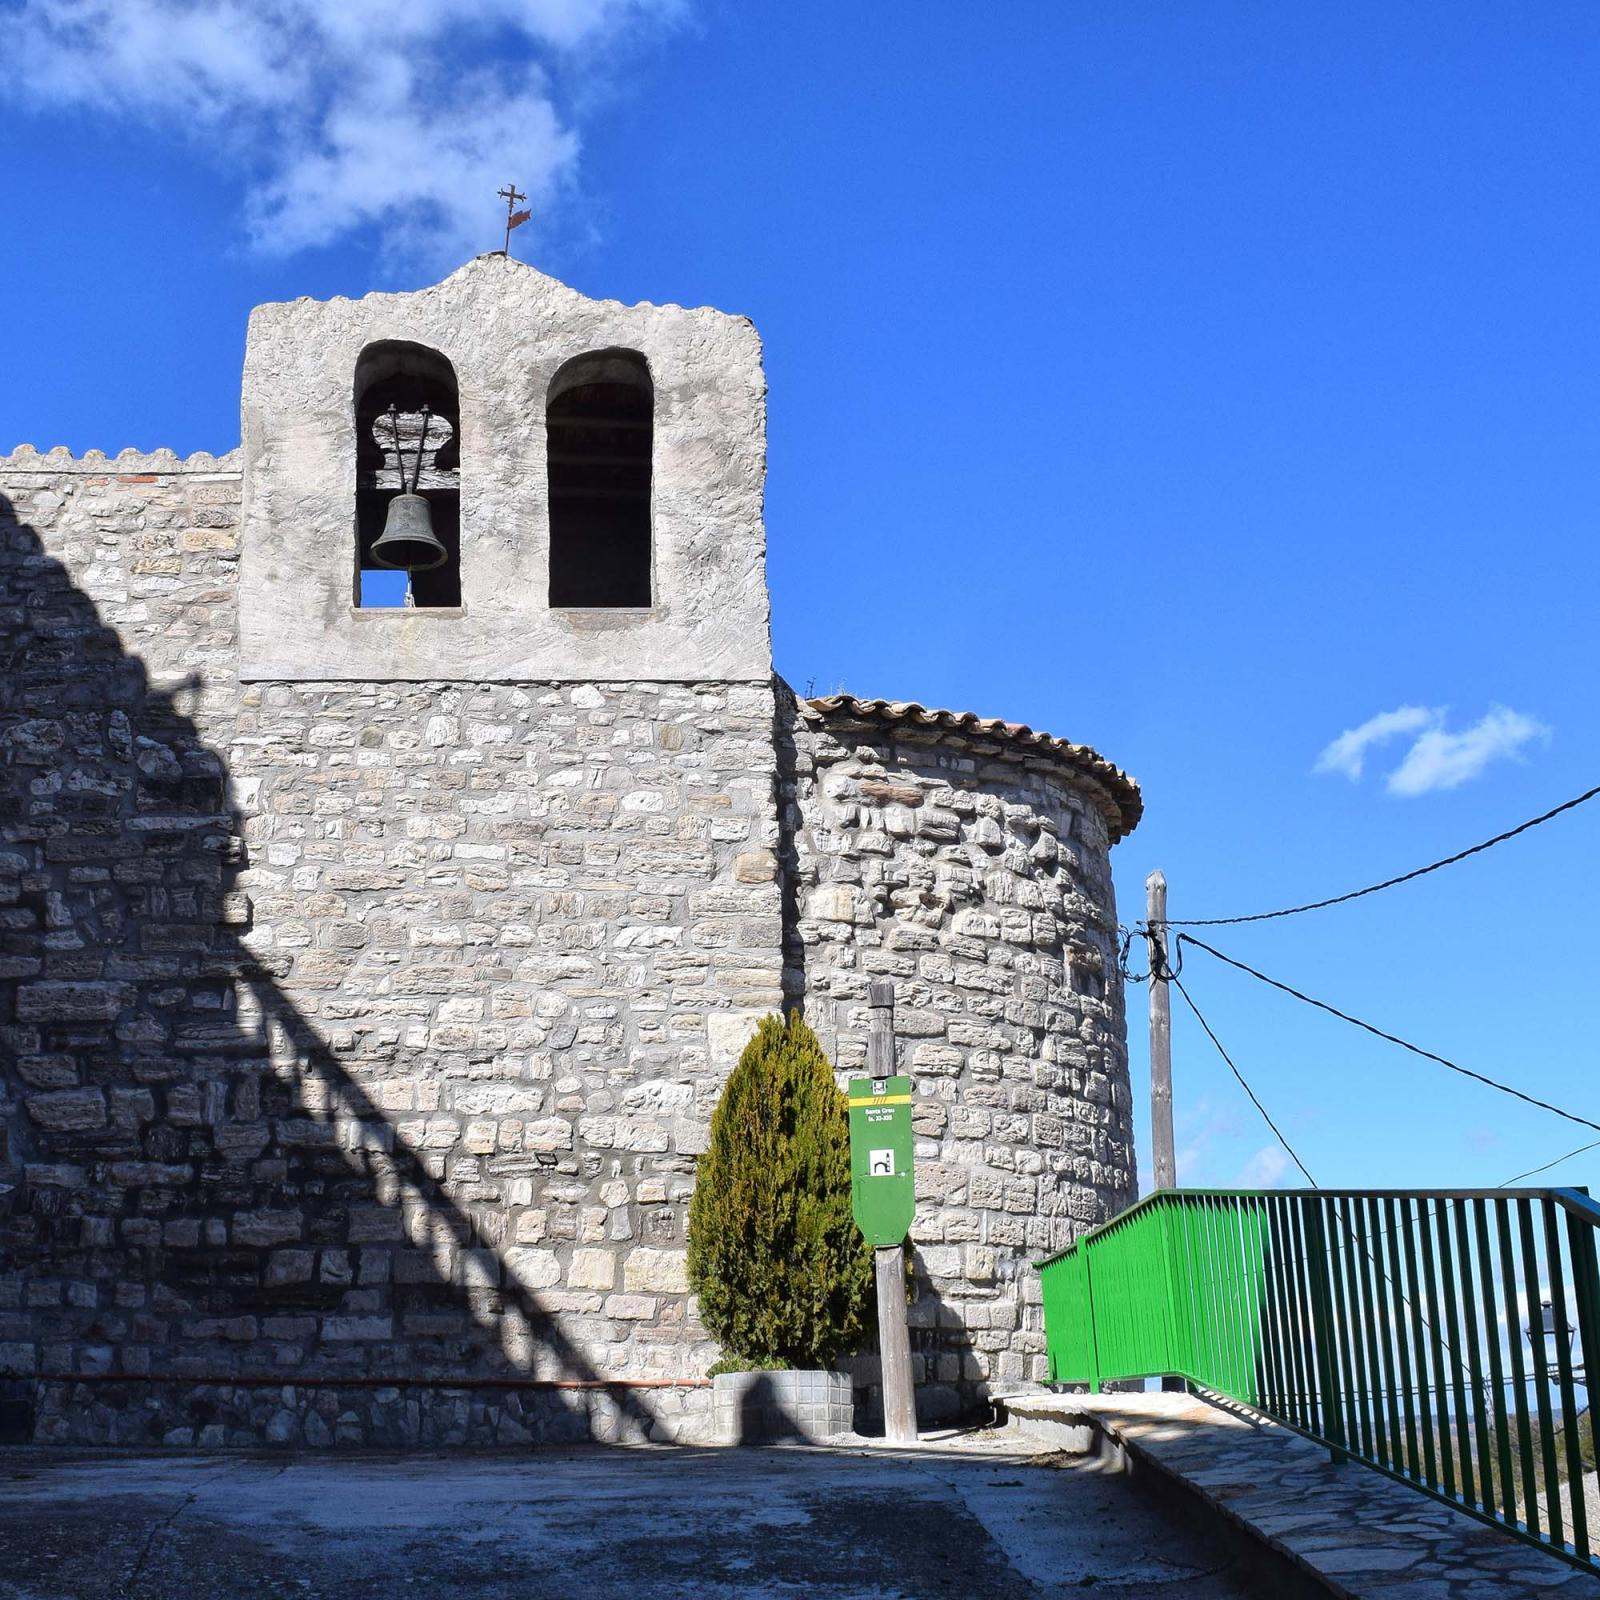 Iglesia de Santa Creu